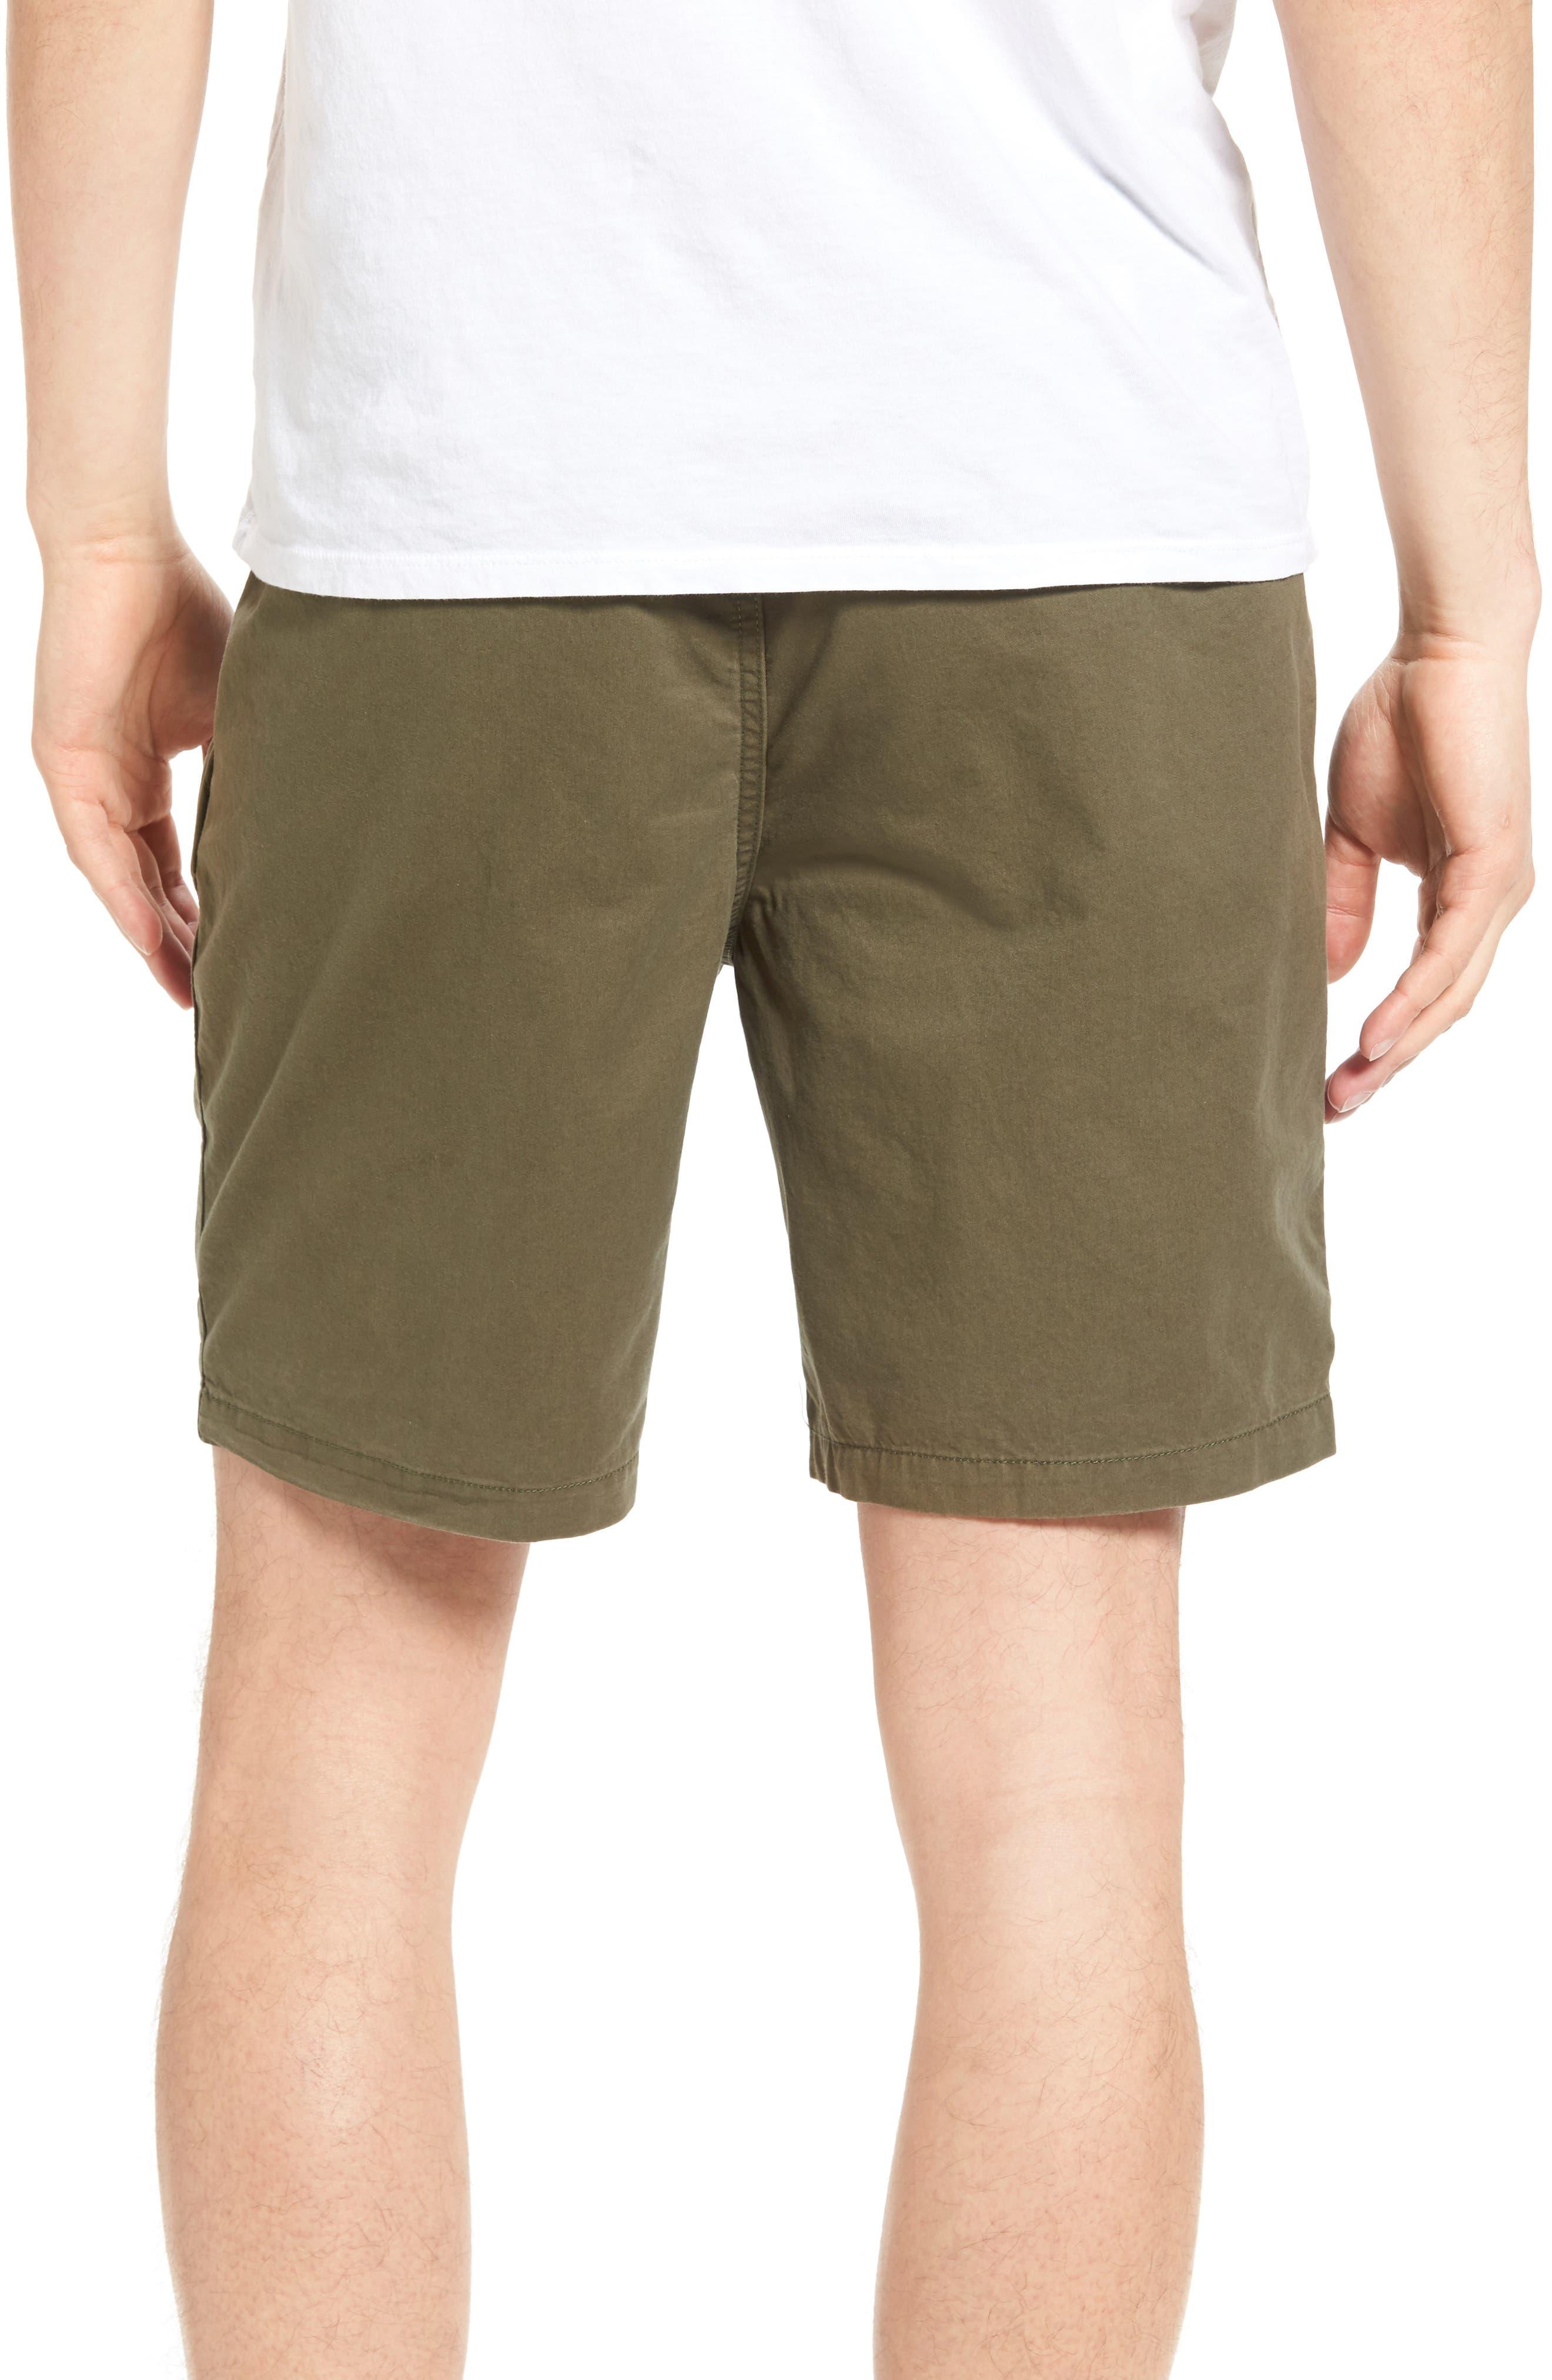 Range Shorts,                             Alternate thumbnail 4, color,